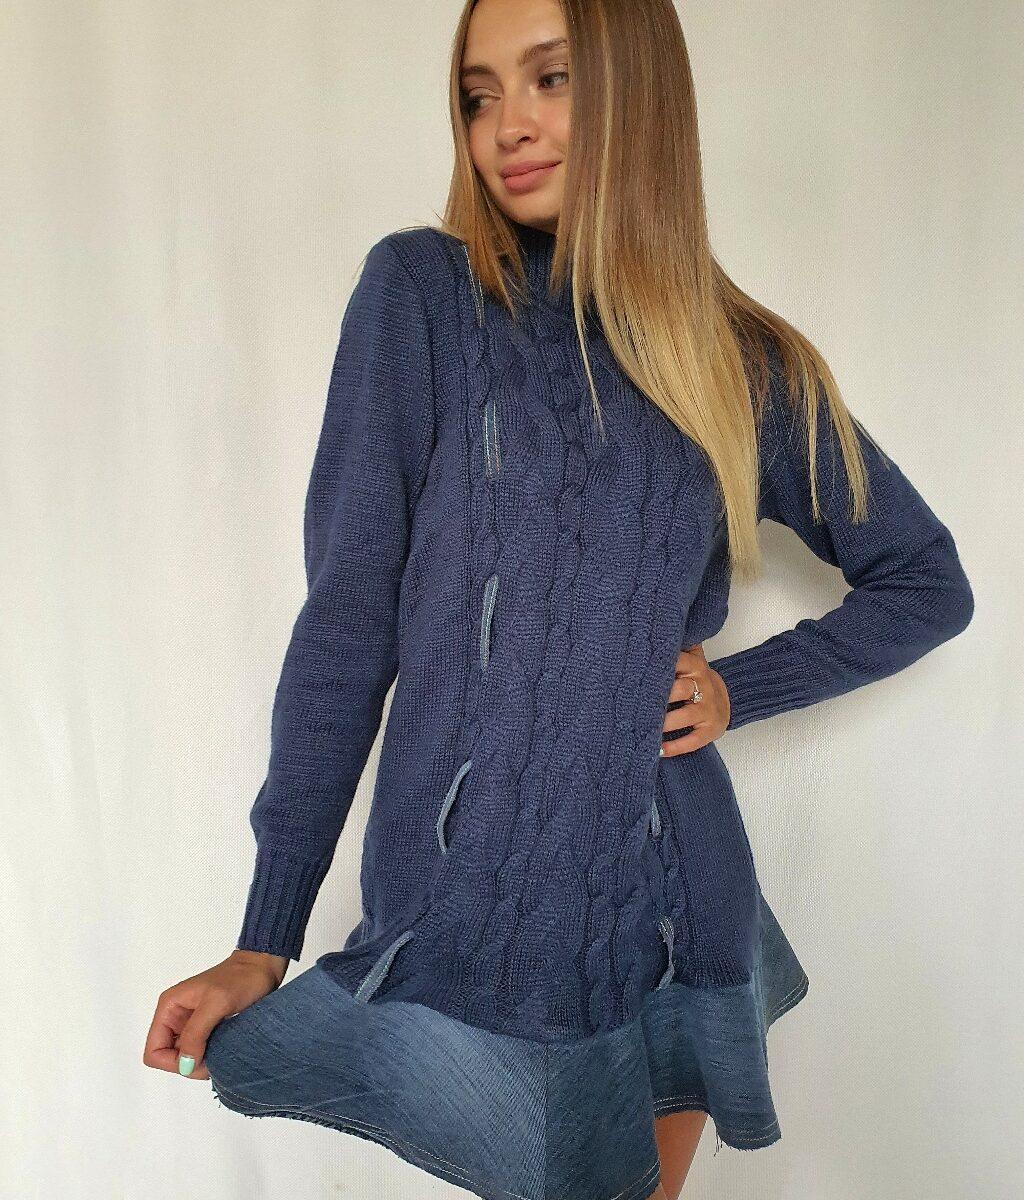 ❤ Вязаное платье c отделкой из винтажного денима. Цвет синий